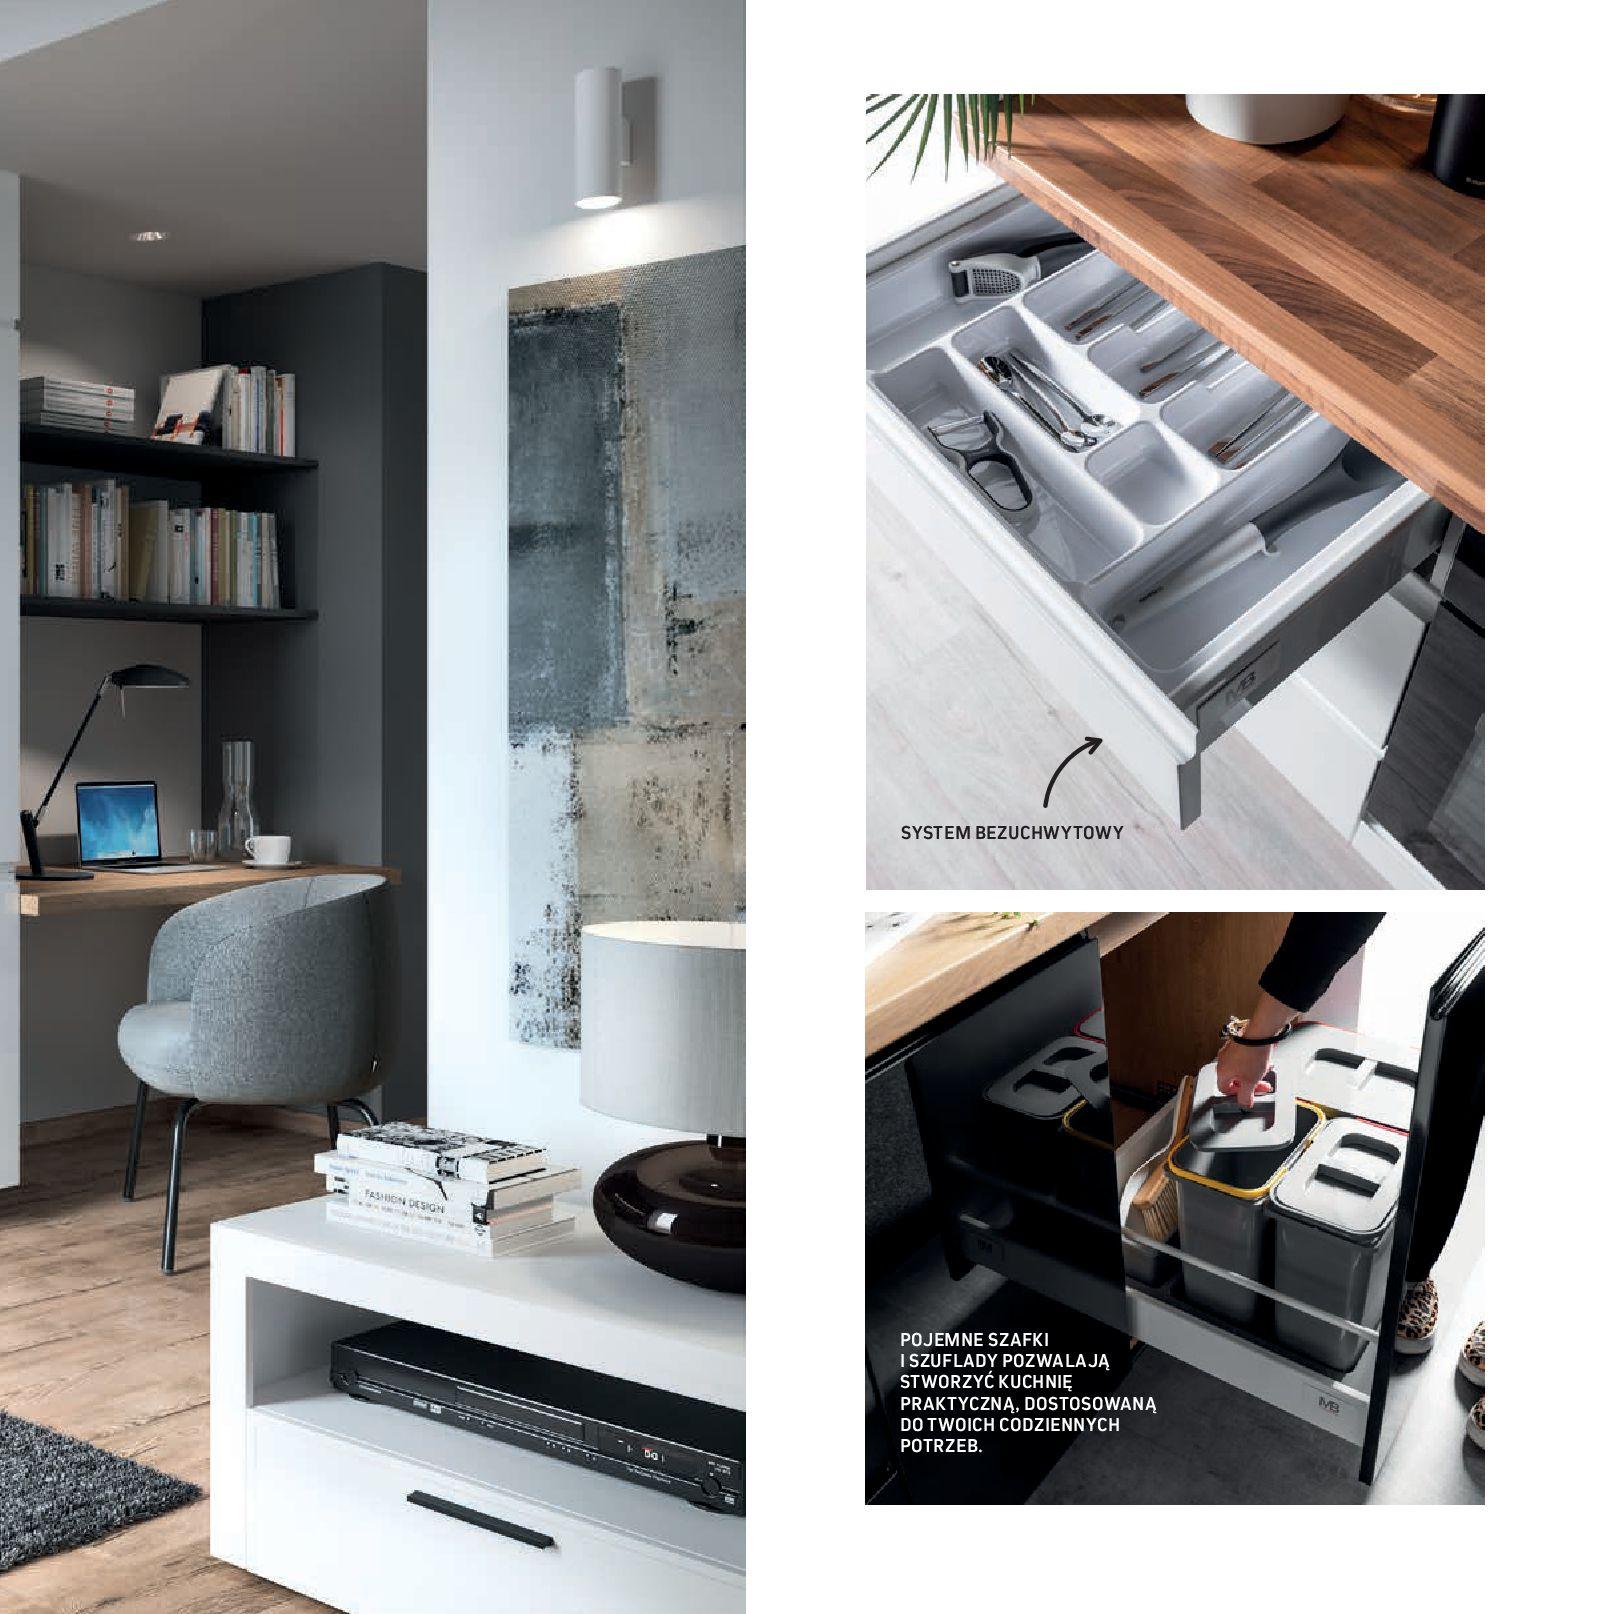 Gazetka Komfort: Gazetka Komfort - Katalog Kuchnie 2021 2021-06-16 page-35